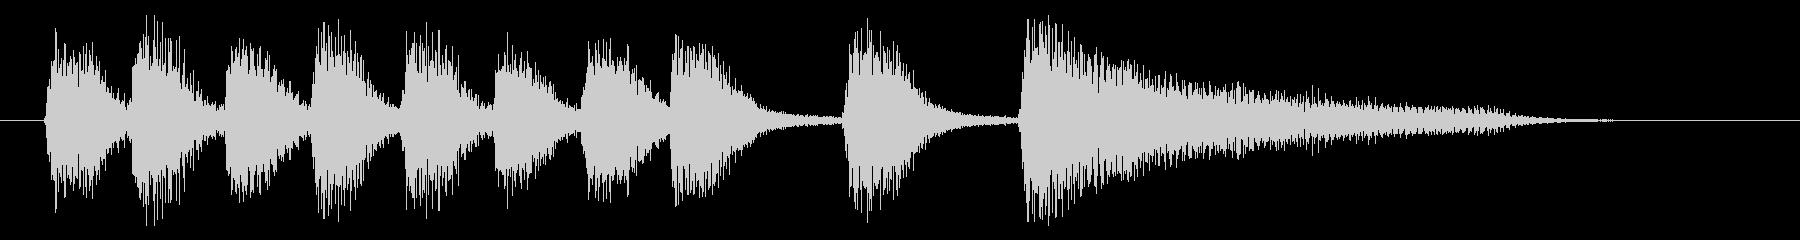 ピアノ/発表・場面転換・軽快なサウンドの未再生の波形